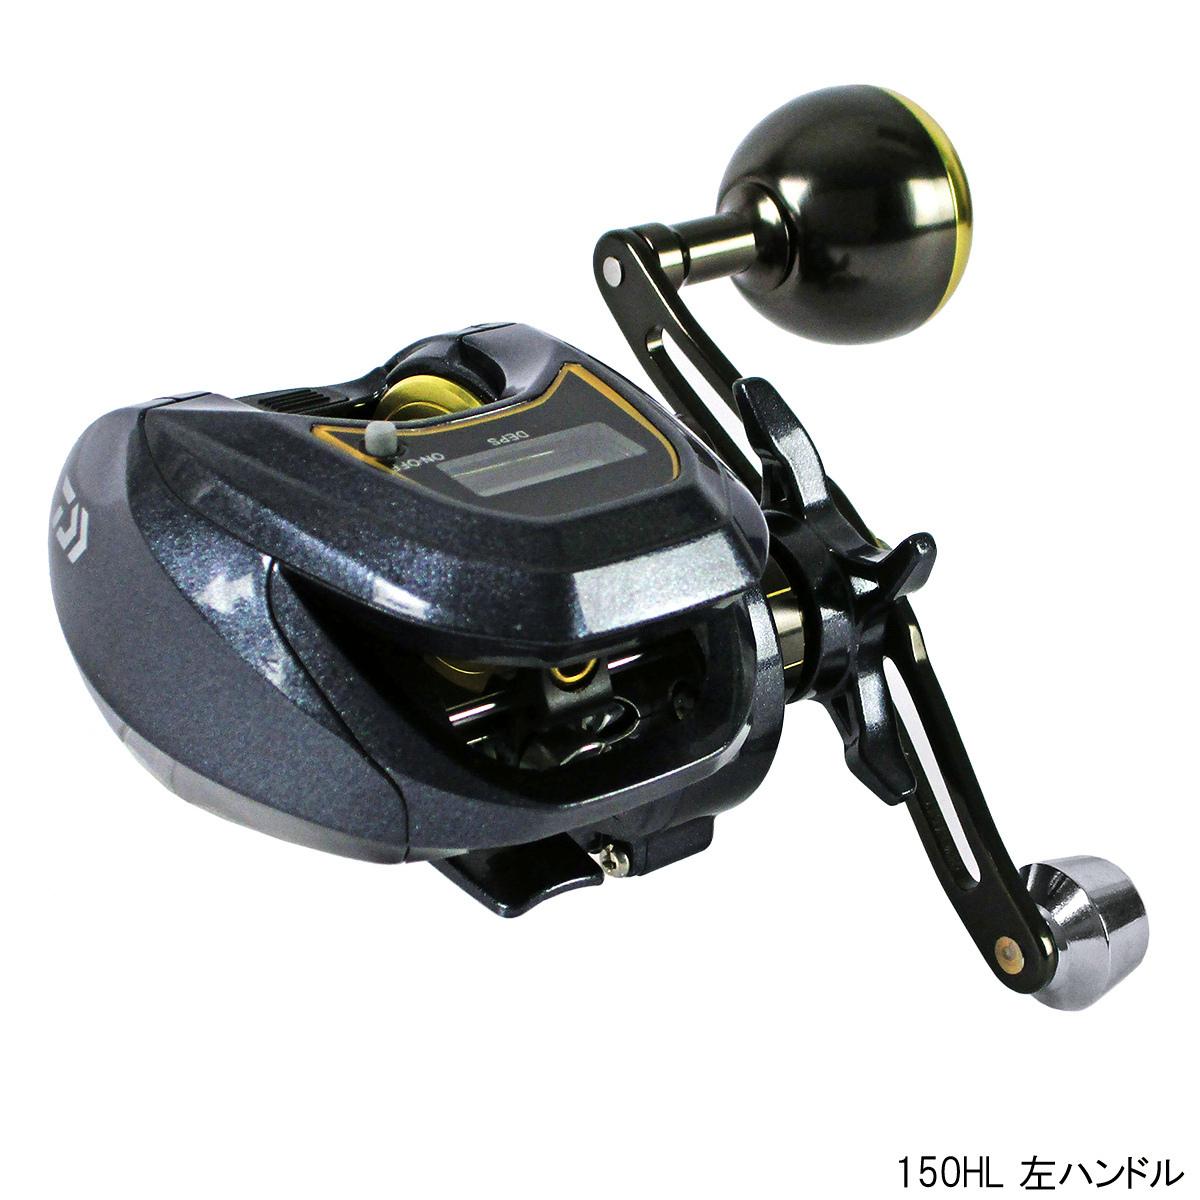 ダイワ タナセンサー 150HL 左ハンドル【送料無料】